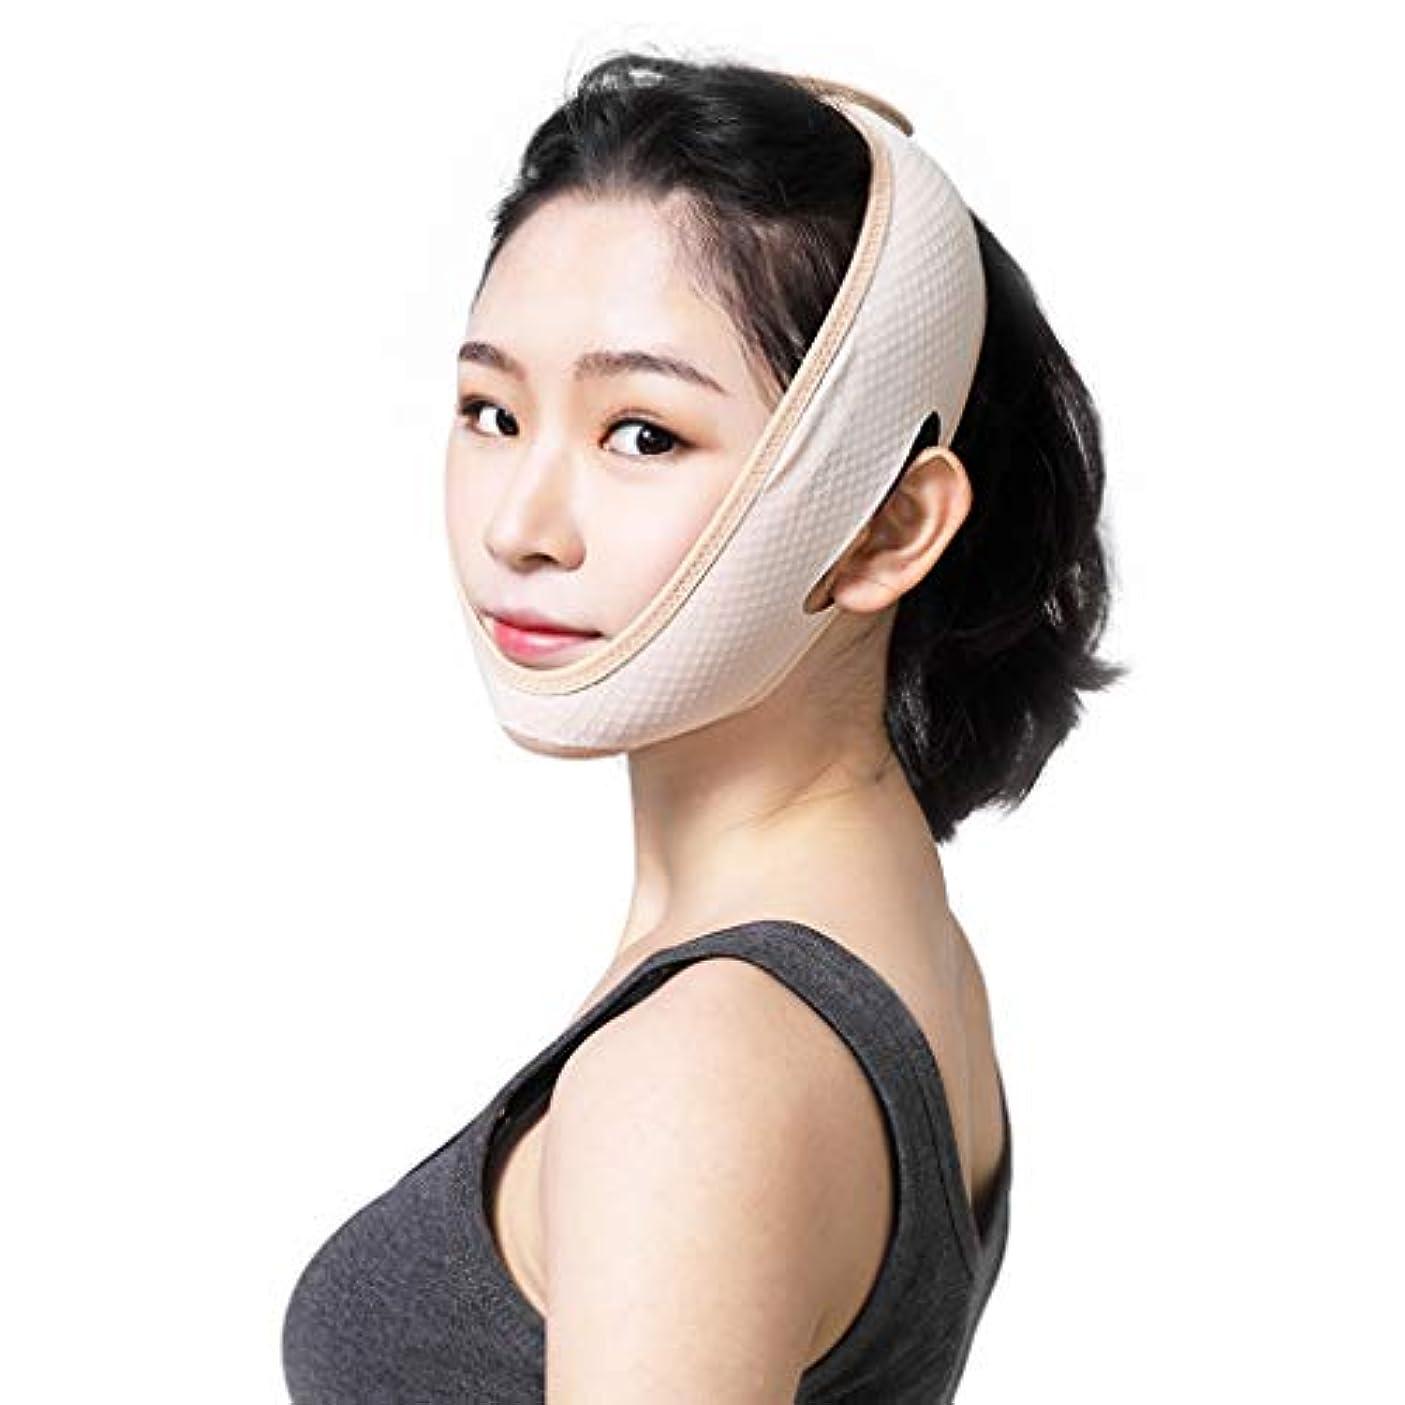 オアシス黙認するガード顔の減量顔 V 顔の薄い二重あごリフト引き締め顔面包帯睡眠マスクマッサージ通気性